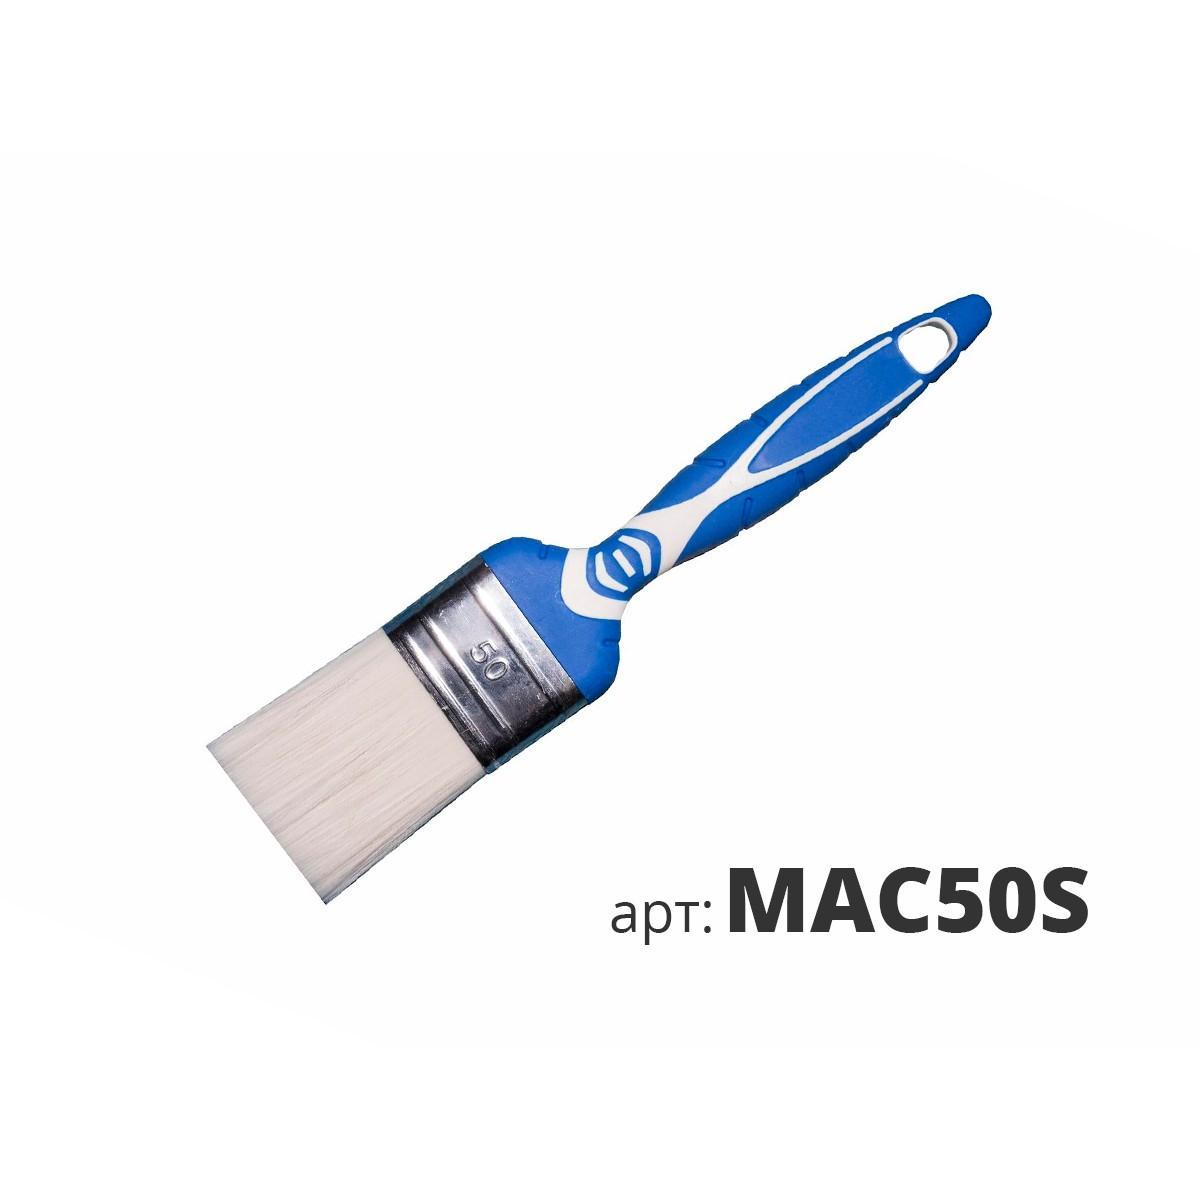 Кисть плоская ПРОФИ MAC50S